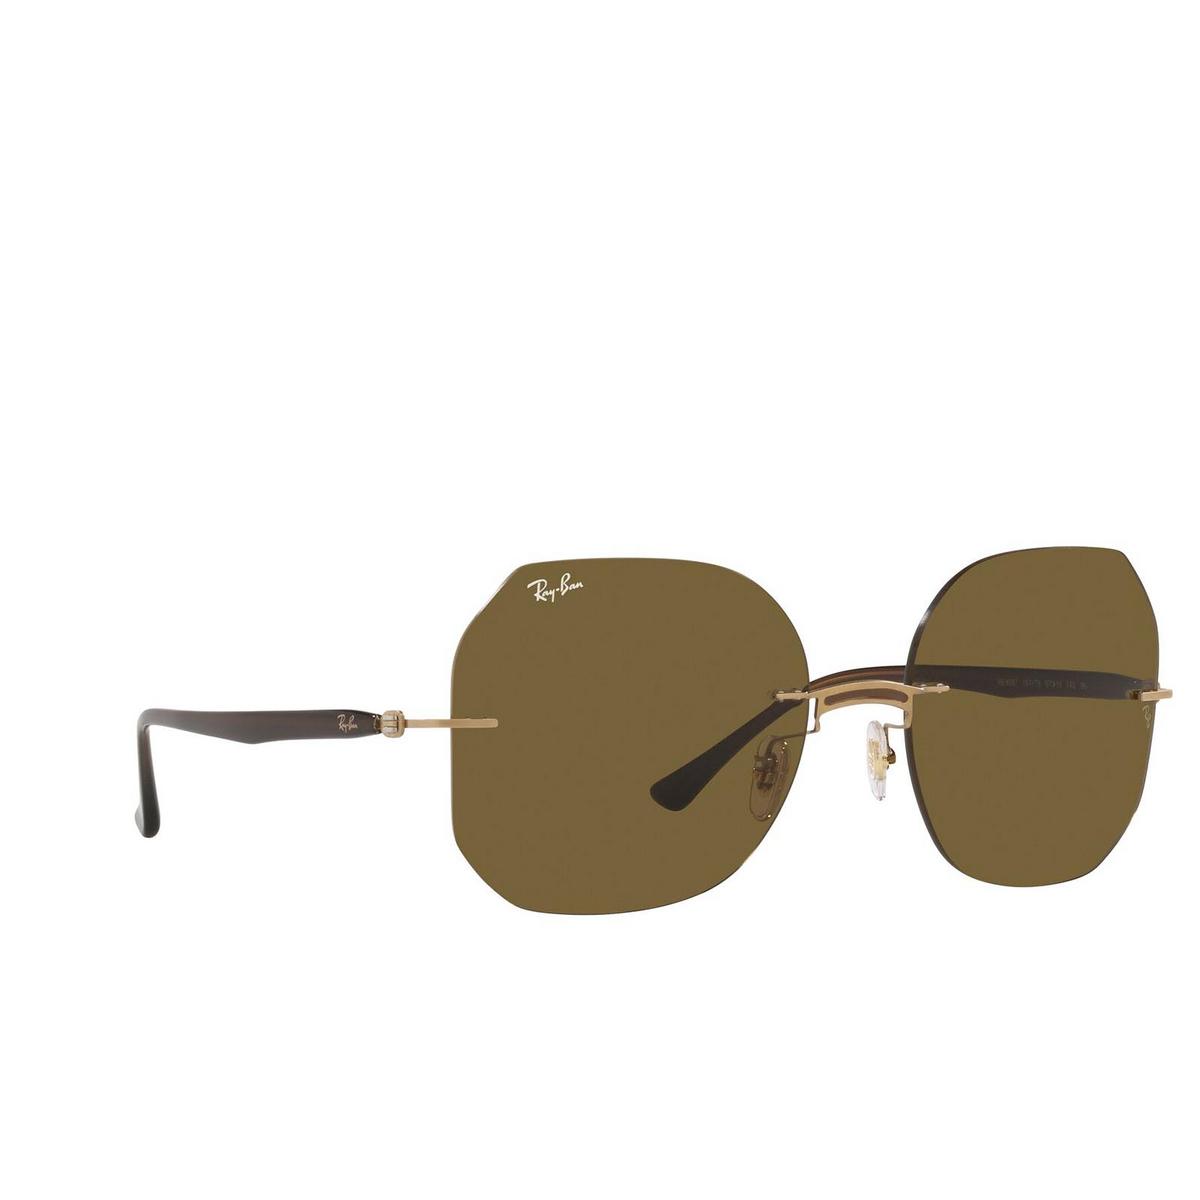 Ray-Ban® Irregular Sunglasses: RB8067 color Brown On Arista 157/73.